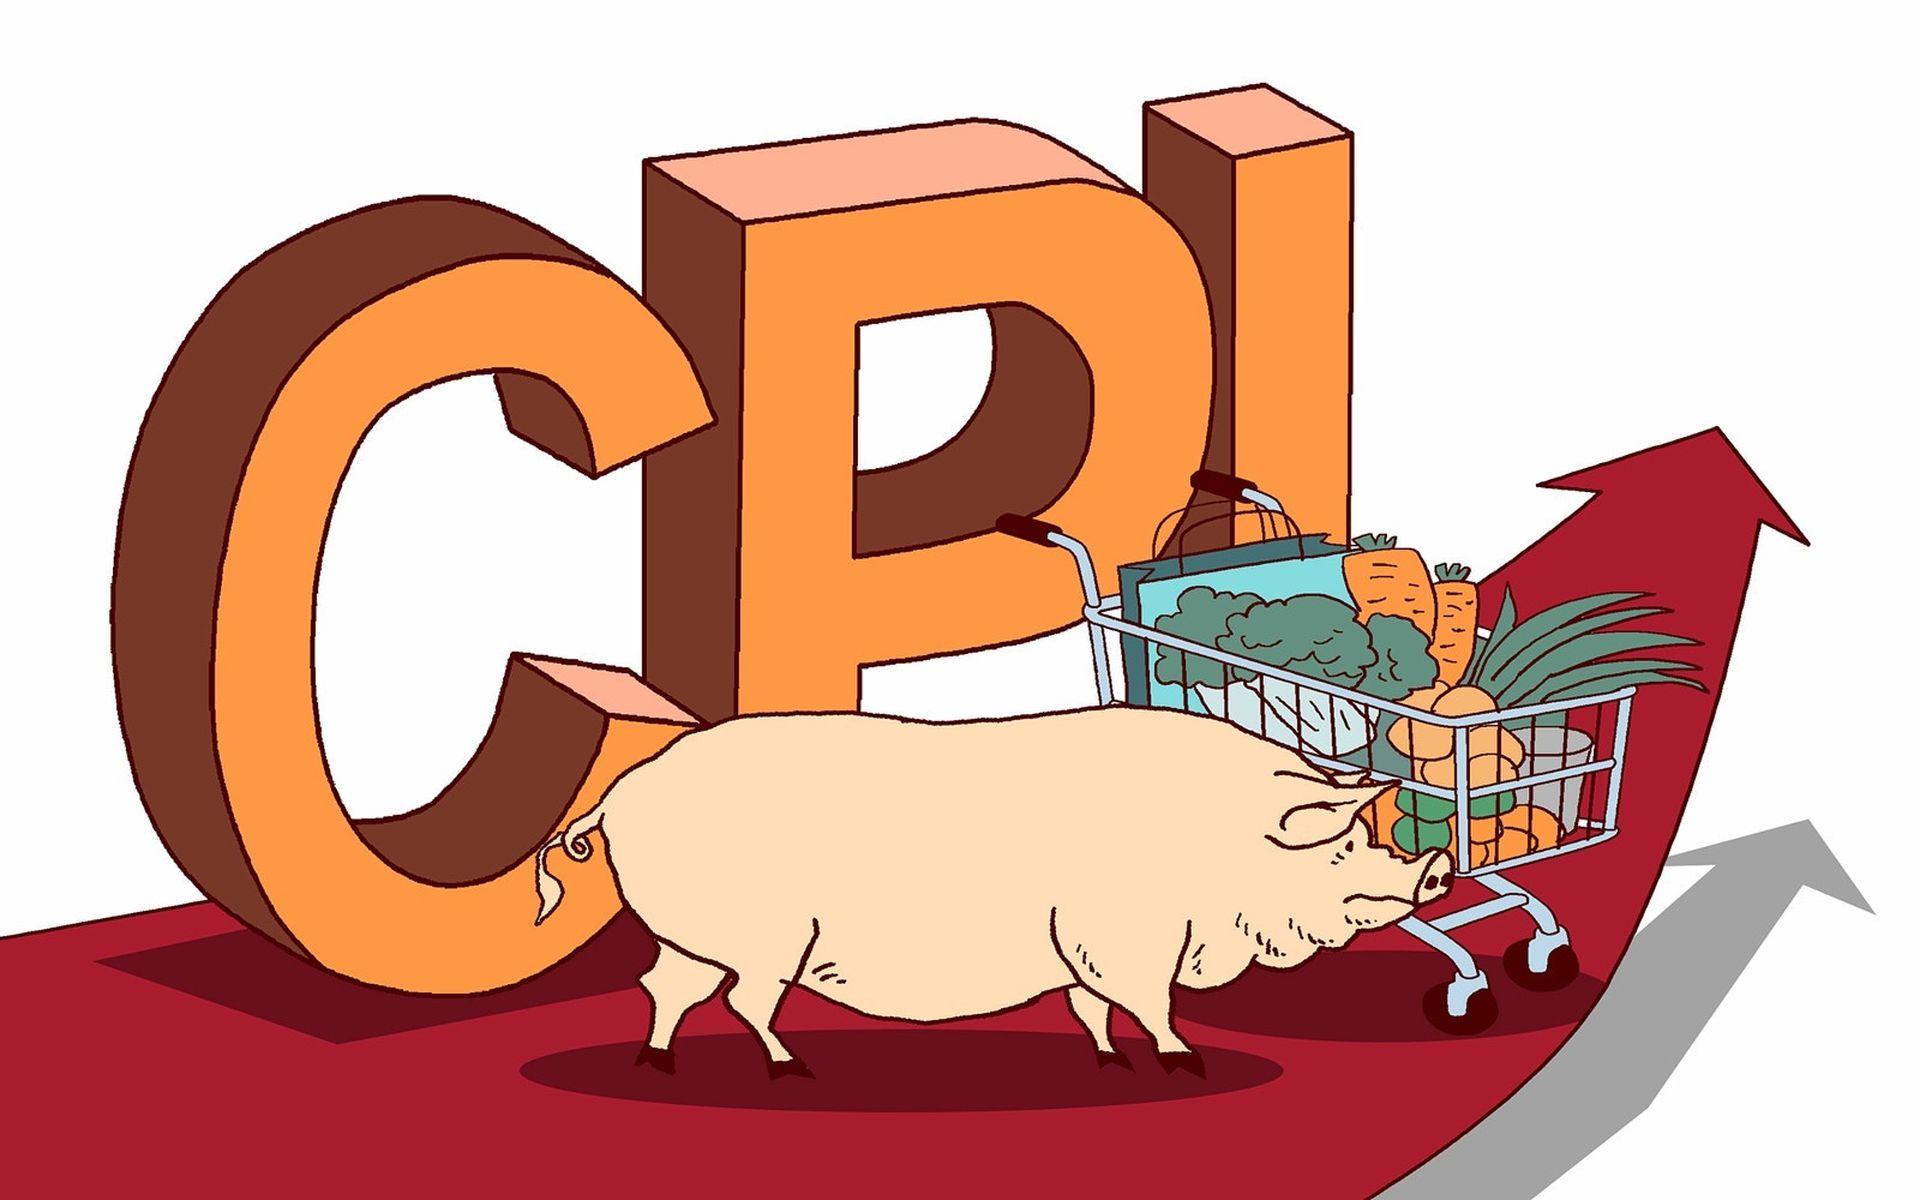 易綱:2021年CPI平均漲幅預計在2% 需關注通脹和通縮壓力